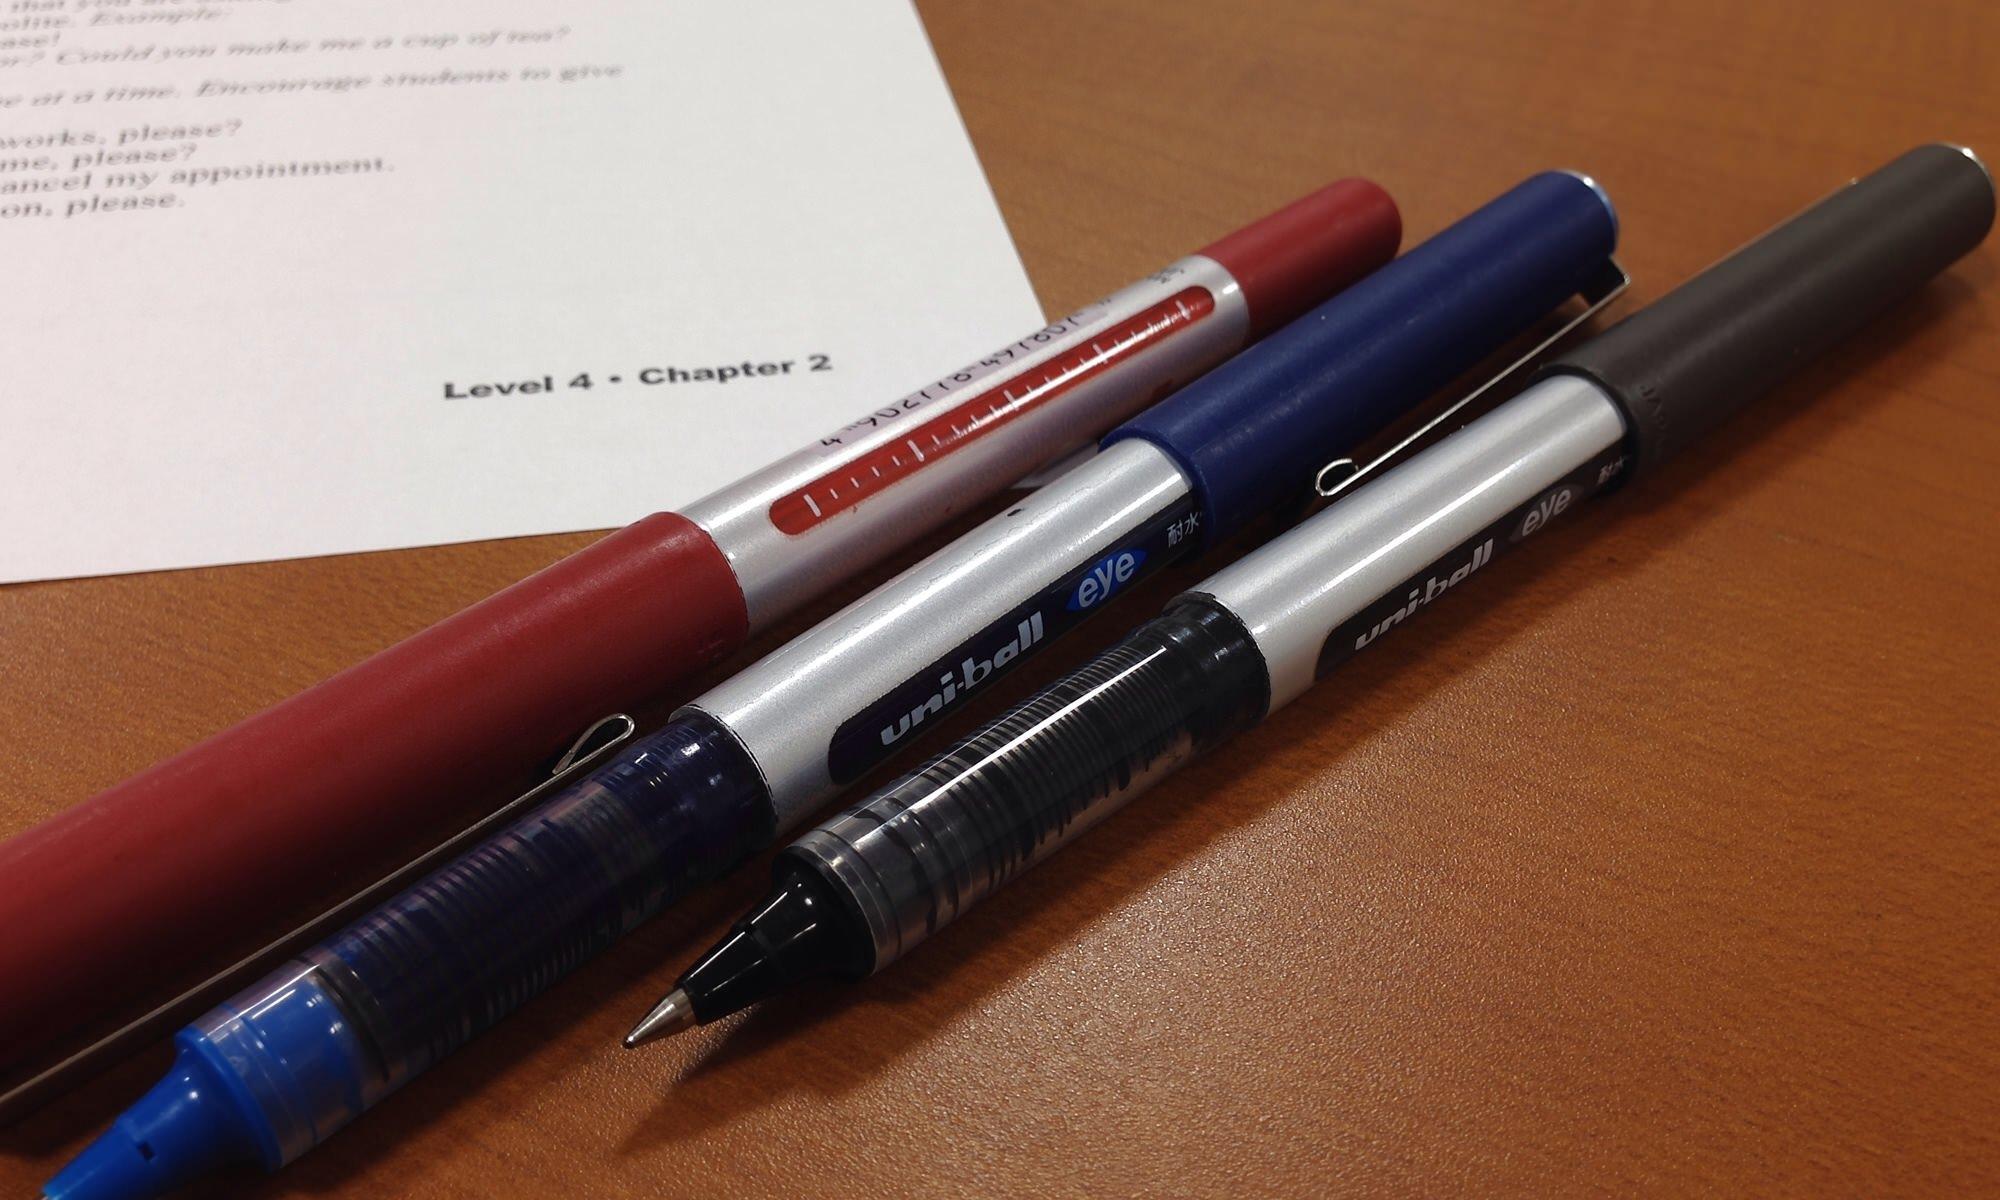 A Trio of Mitsubishi UB-150 Eye Pens